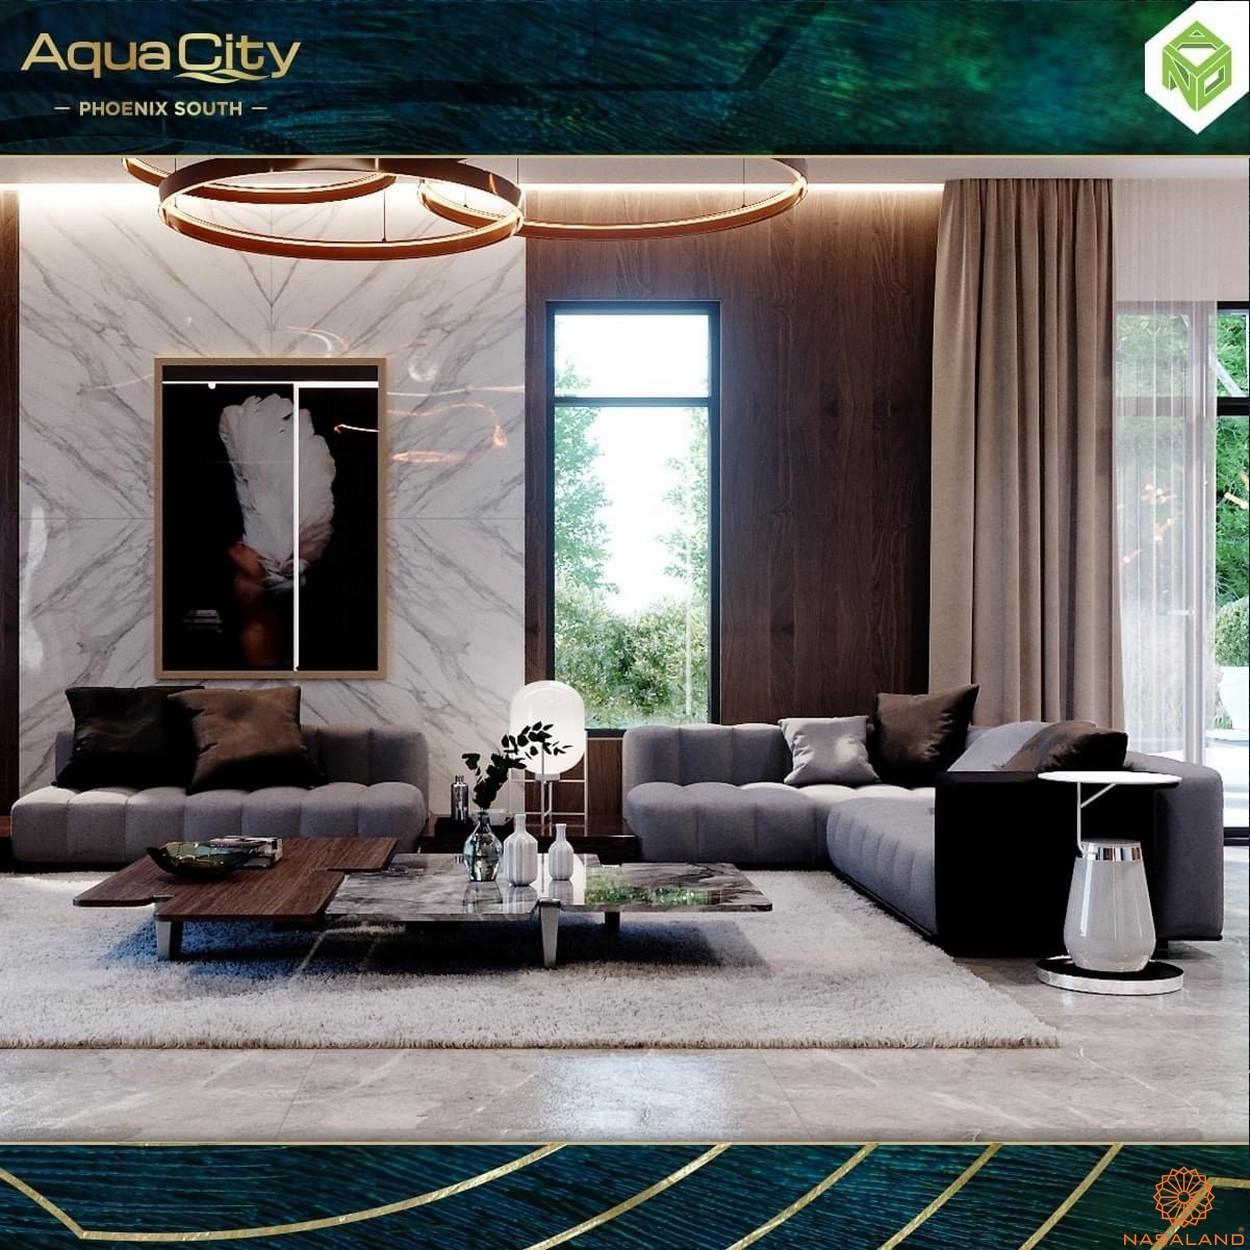 Nội thất dự án biệt thự Aqua City Đảo Phượng Hoàng Đồng Nai